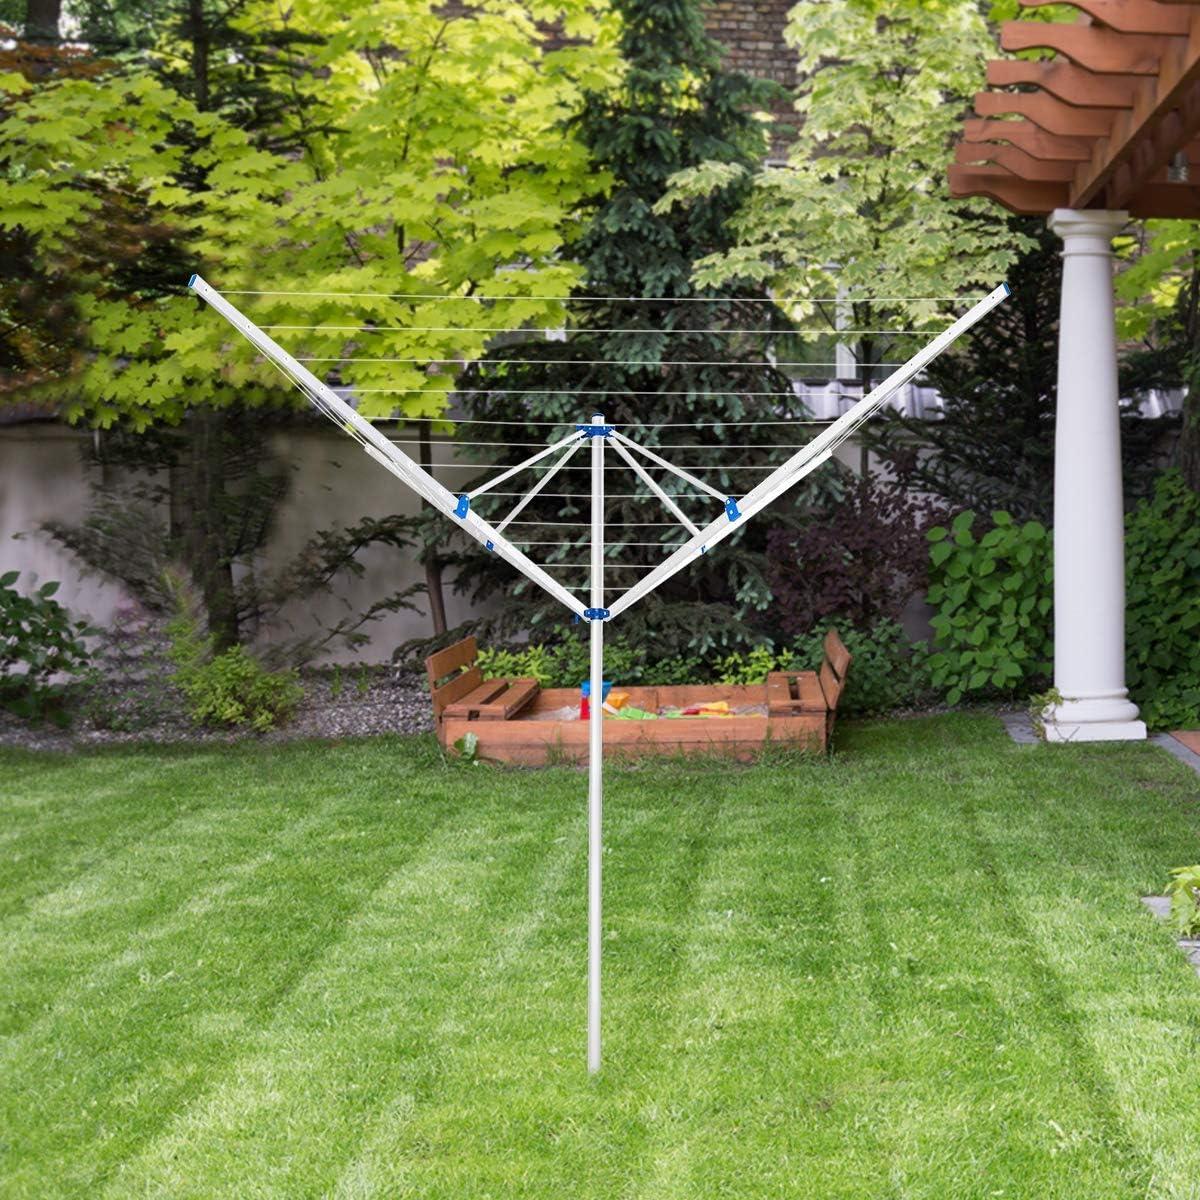 COSTWAY Tendedero Tipo Paraguas de Aluminio Plegable Soporte para Ropa para Exterior Jard/ín Camping